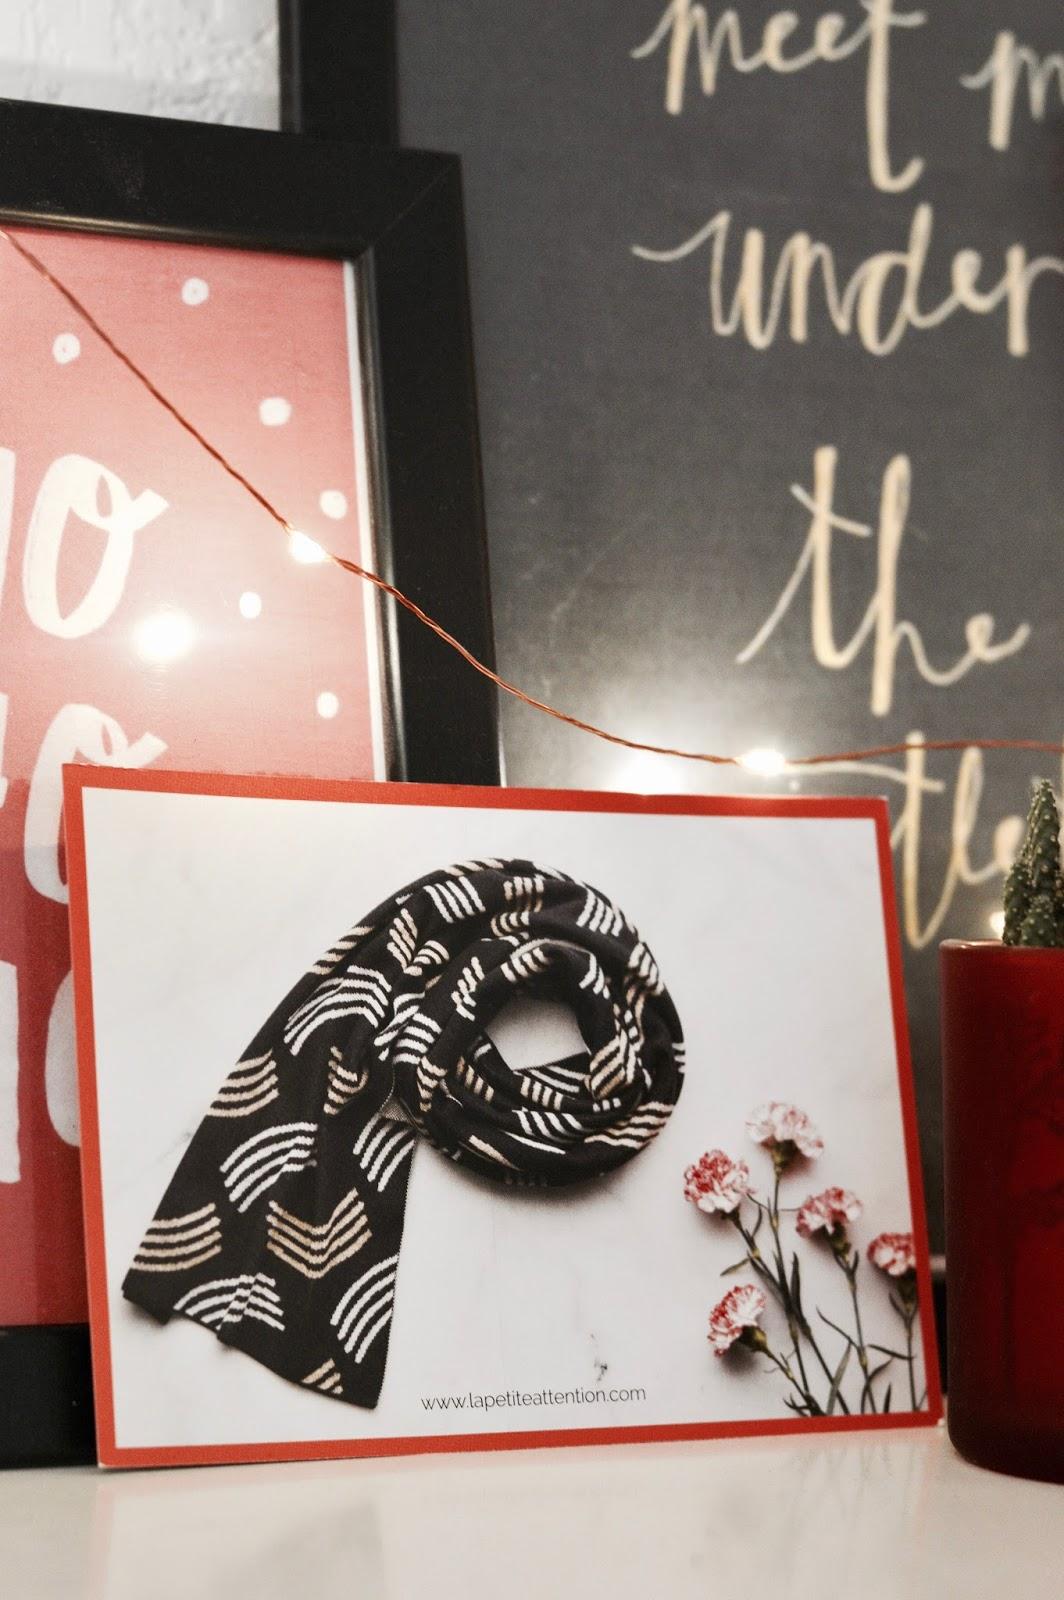 La petite attention de décembre idée cadeau box mensuelle